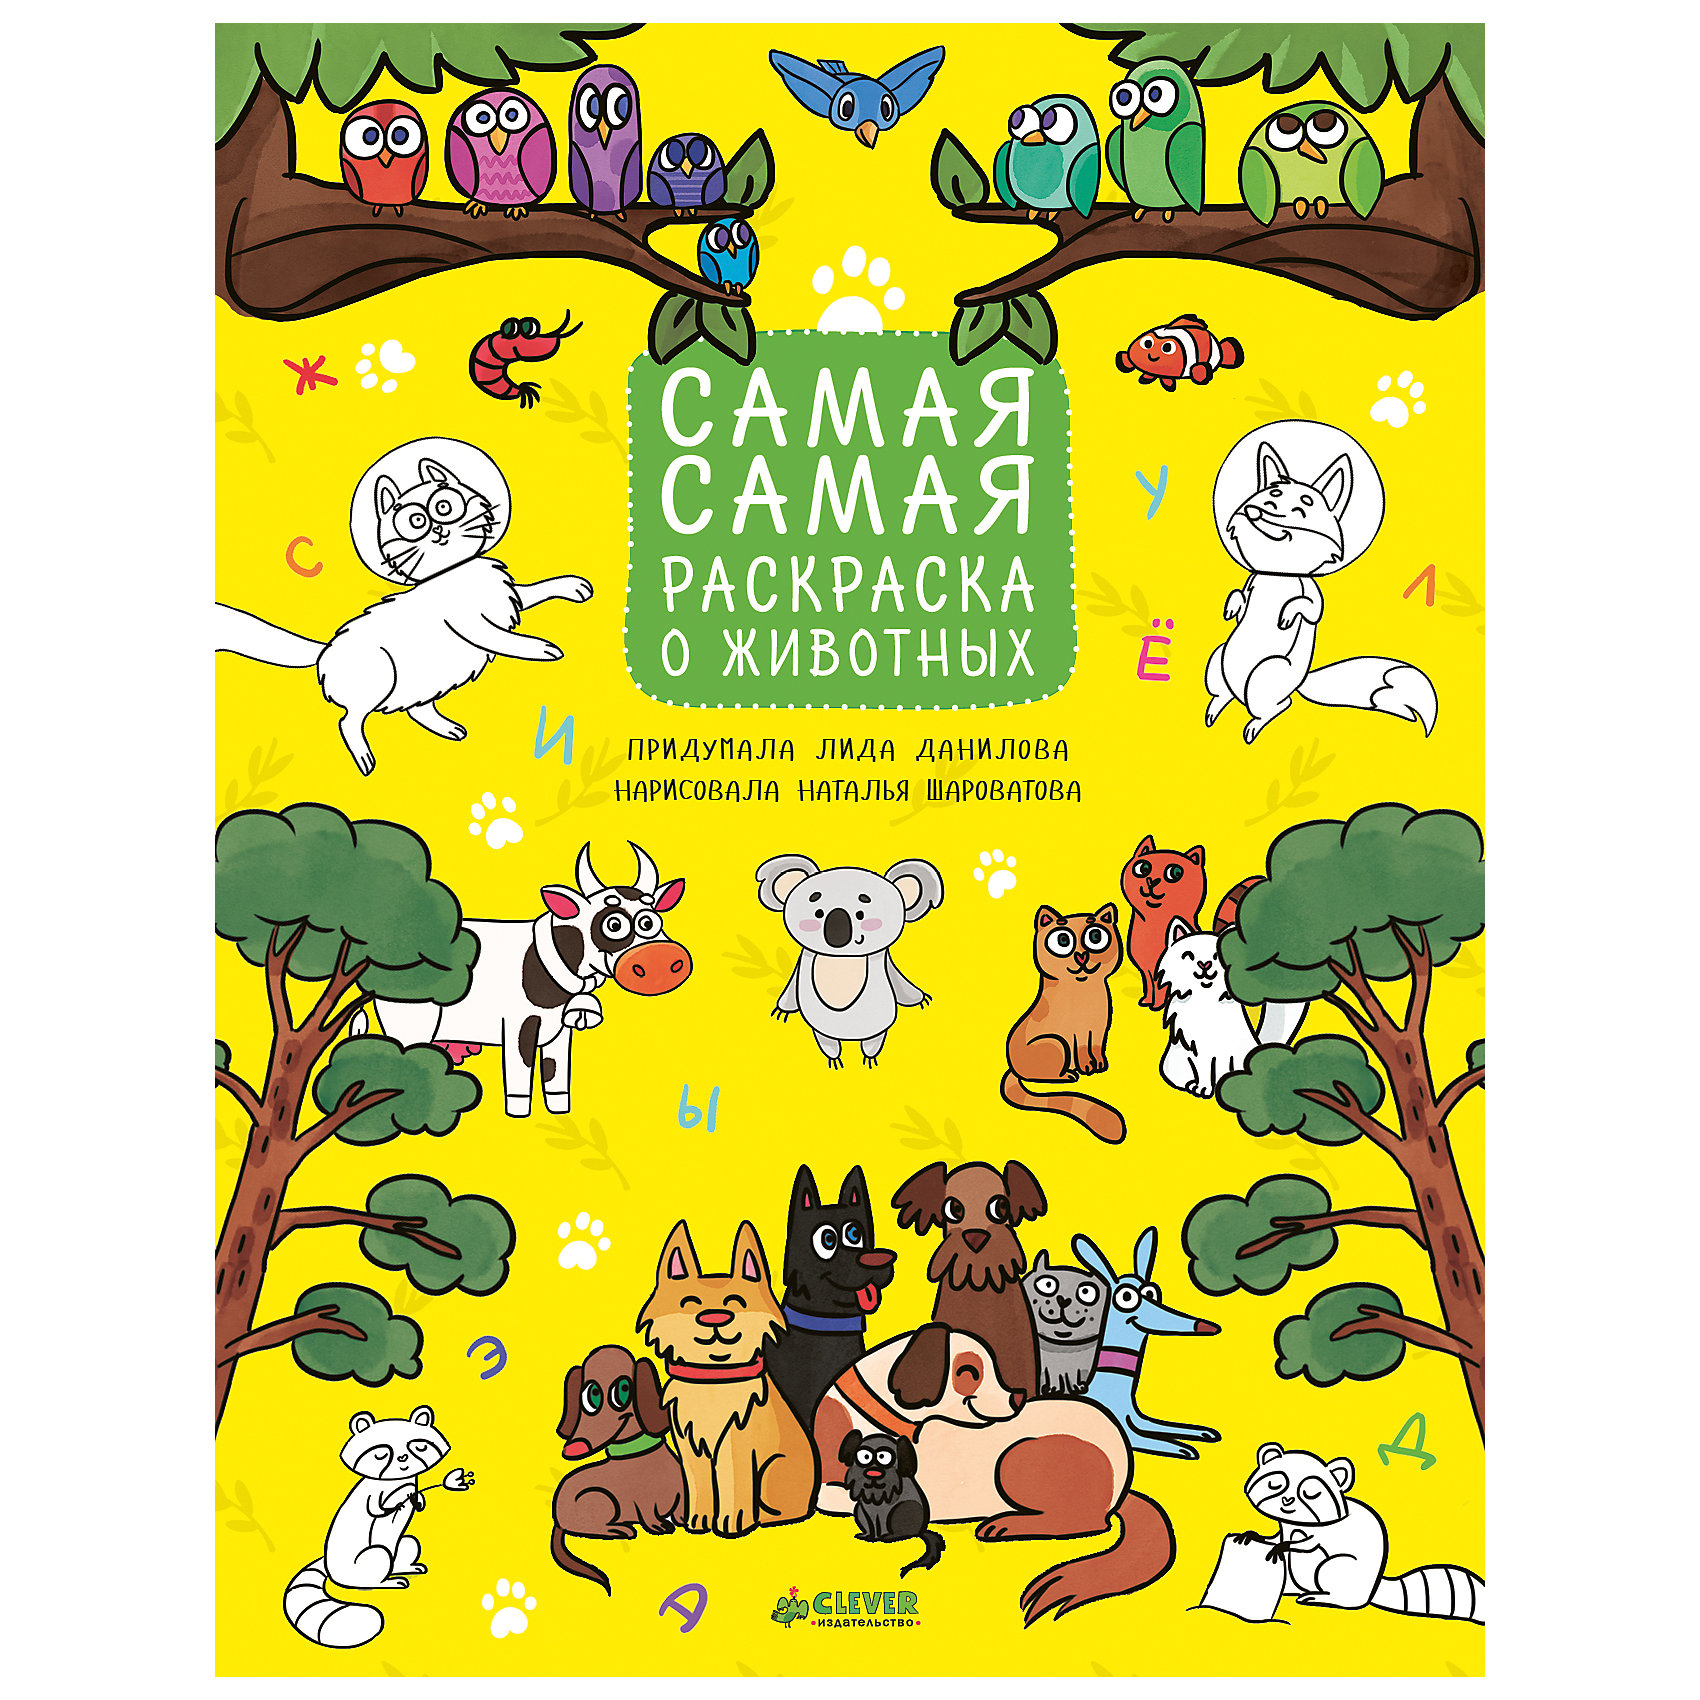 Самая-самая раскраска о животных, Рисуем, раскрашиваем, играемРисование<br>Самая-самая раскраска о животных, Рисуем, раскрашиваем, играем<br><br>Характеристики:<br><br>• ISBN: 978-5-906899-90-3<br>• Кол-во страниц:48<br>• Возраст: от 5 лет <br>• Формат: а4<br>• Размер книги: 280x215x4 мм<br>• Бумага: офсет<br>• Вес: 244 г<br>• Обложка: мягкая<br><br>Эта книга идеально подойдет для детей, которые любят сказки, а так же рисовать и раскрашивать. Она отправит их в увлекательное путешествие, навстречу различным животным. В книге содержится множество увлекательных заданий, лабиринтов, раскрасок и так далее. Эта книга развлечет и научит ребенка решать задачи, развивать мелкую моторику и просто даст отлично провести время.<br><br>Самая-самая раскраска о животных, Рисуем, раскрашиваем, играем можно купить в нашем интернет-магазине.<br><br>Ширина мм: 280<br>Глубина мм: 215<br>Высота мм: 5<br>Вес г: 244<br>Возраст от месяцев: 84<br>Возраст до месяцев: 132<br>Пол: Унисекс<br>Возраст: Детский<br>SKU: 5377839